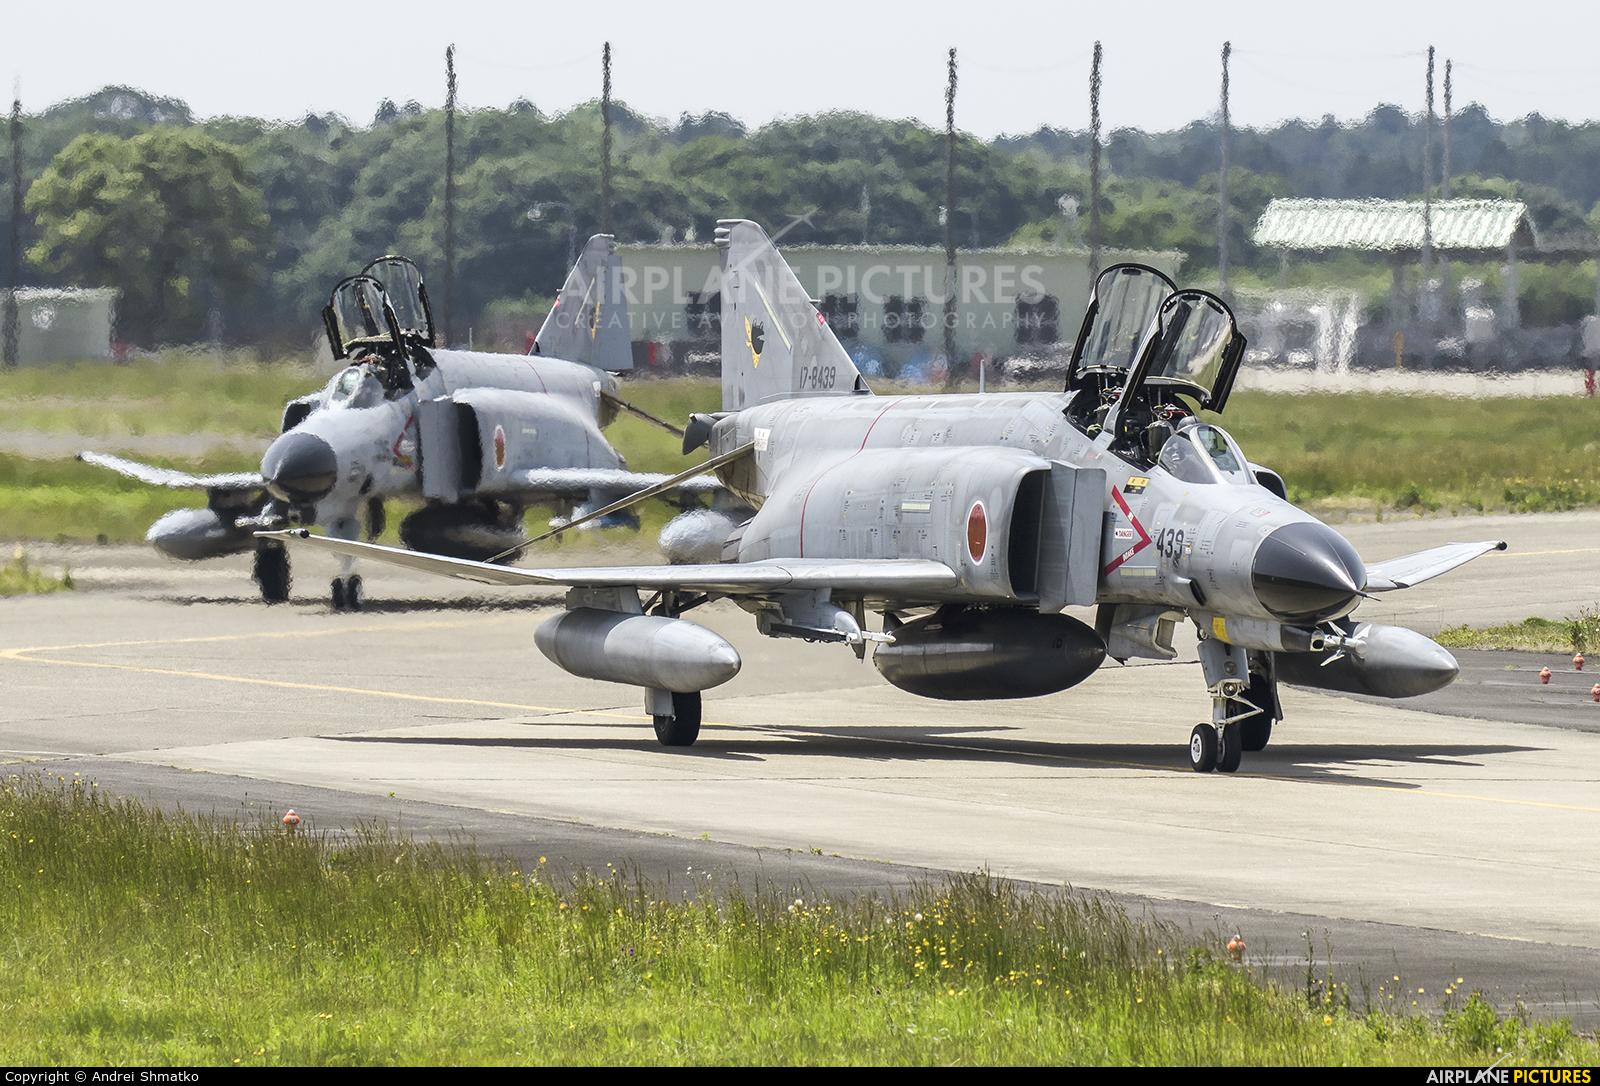 Japan - Air Self Defence Force 17-8439 aircraft at Ibaraki - Hyakuri AB